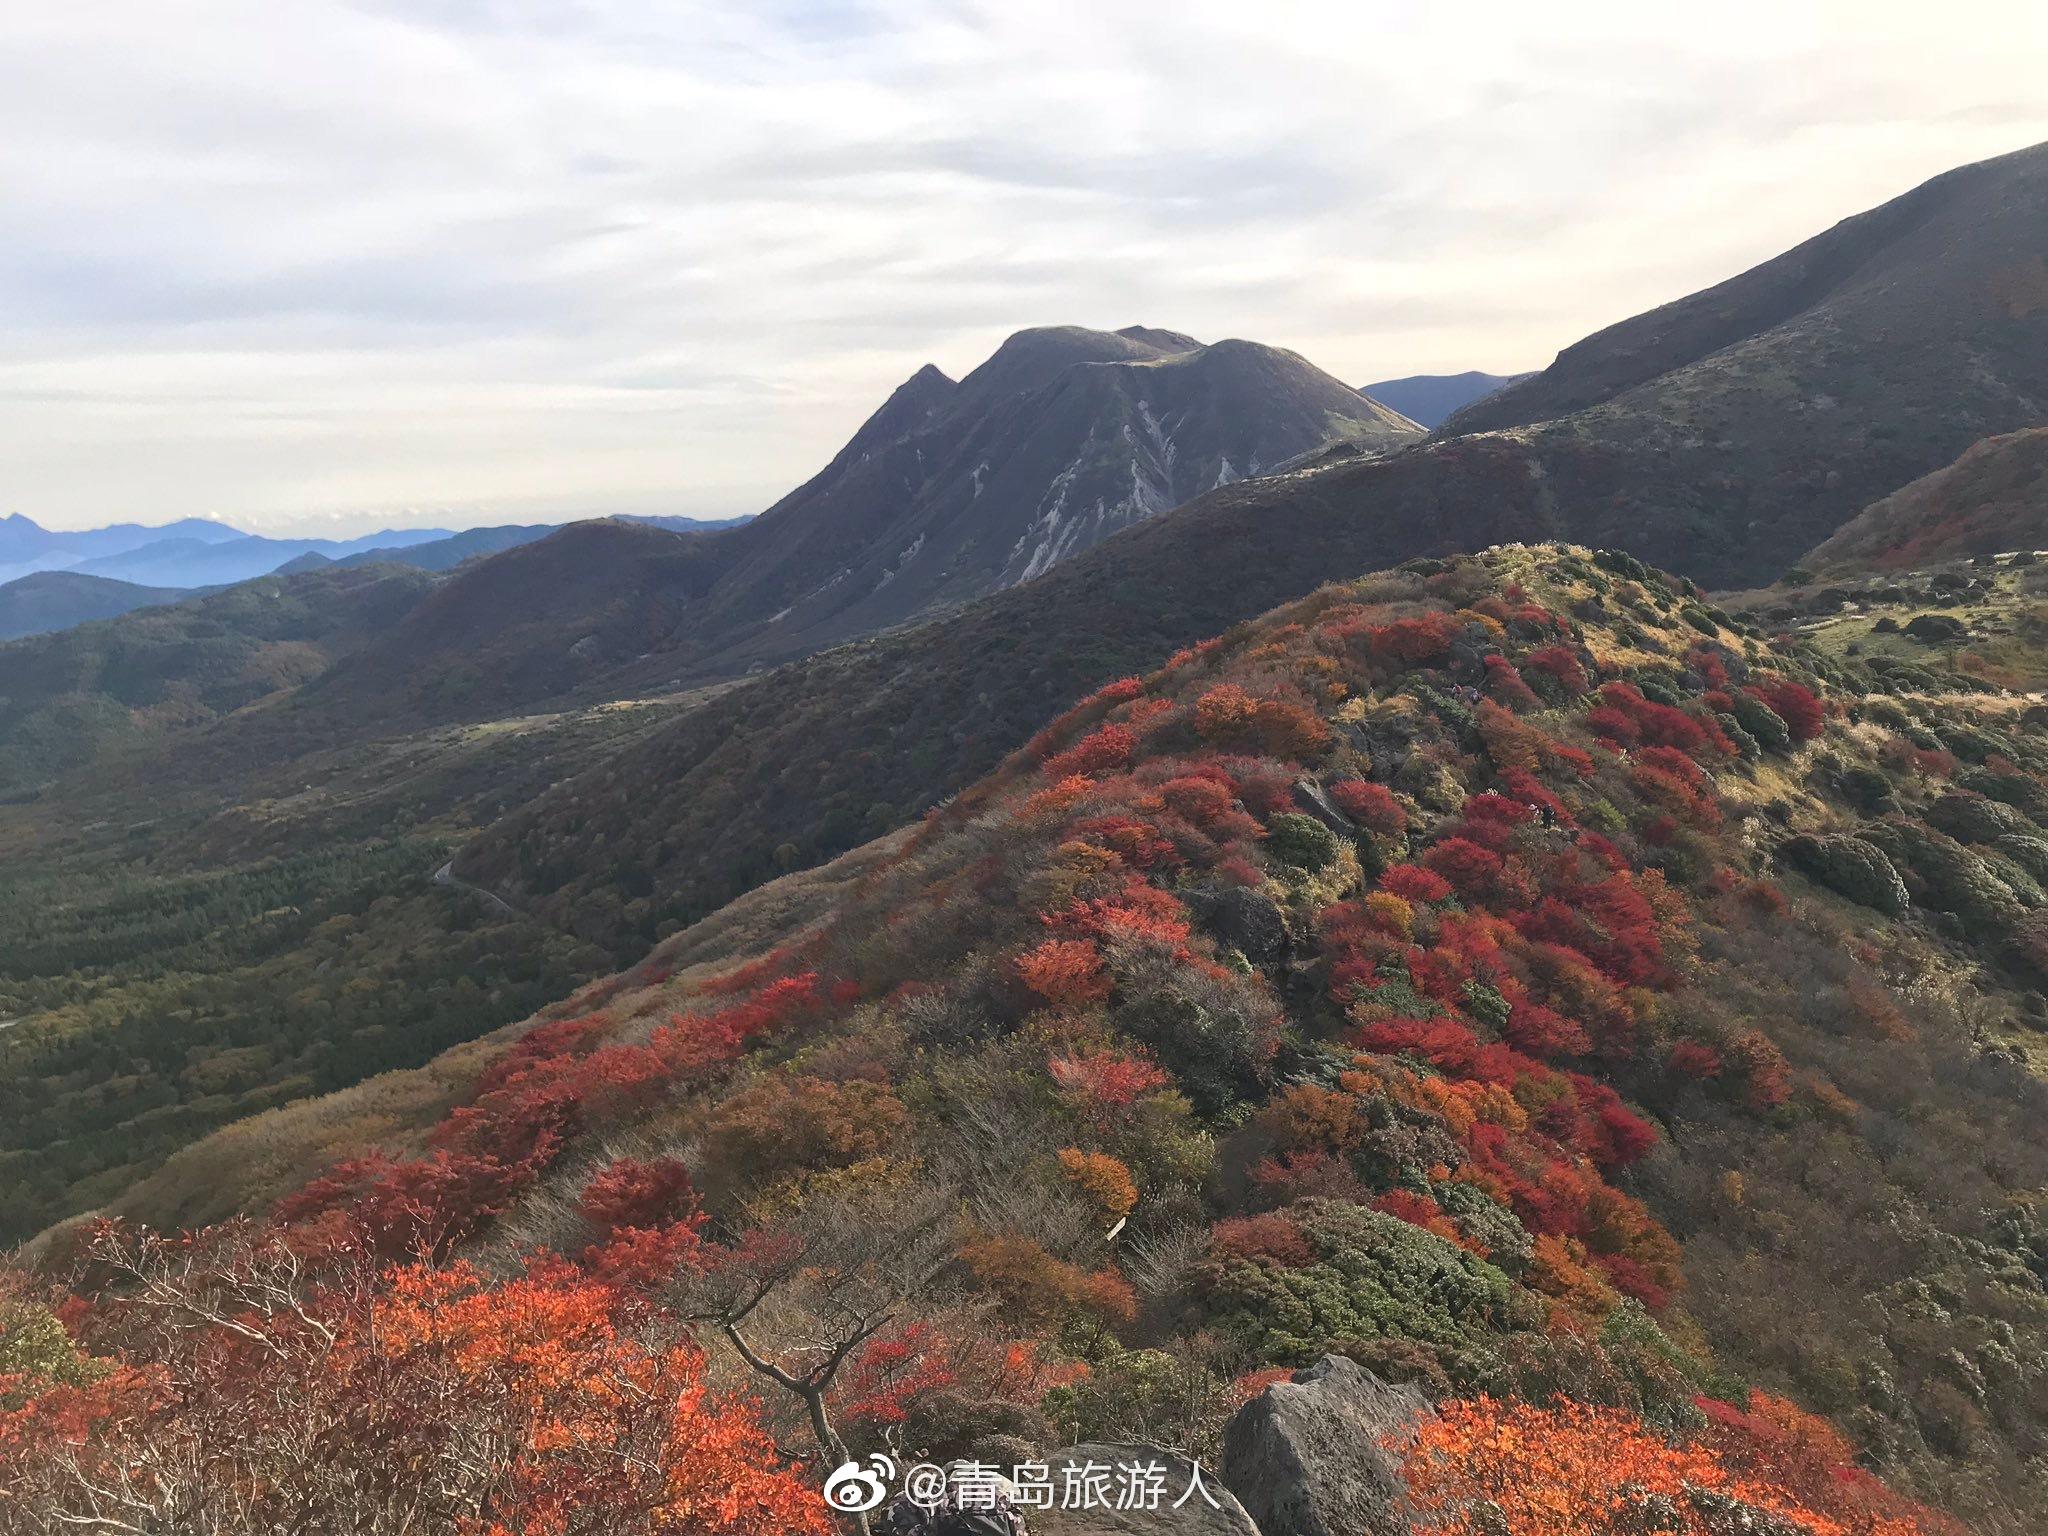 马上入秋了,日本最受登山者喜欢的沓掛山,除了杜鹃花之外